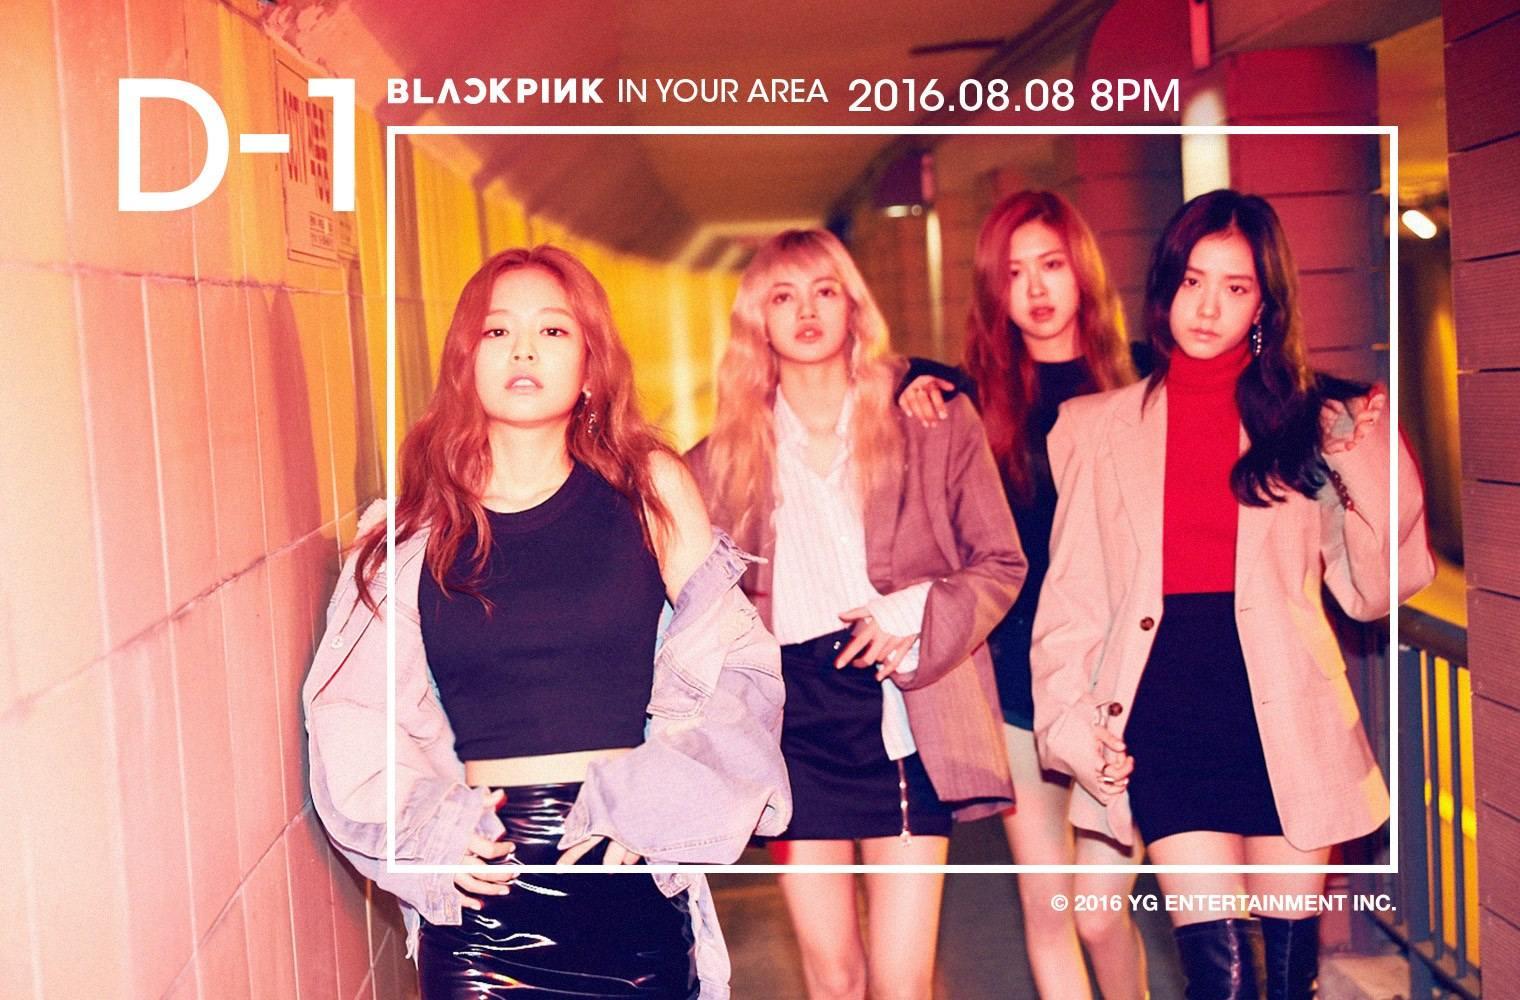 另一組則是YG家新一代的怪物新人,完美佔攻韓國海內外各大音源網站冠軍的BLACKPINK,而且被禁的還是她們在Youtube上點閱已經破1300萬的主打《BOOMBAYAH》